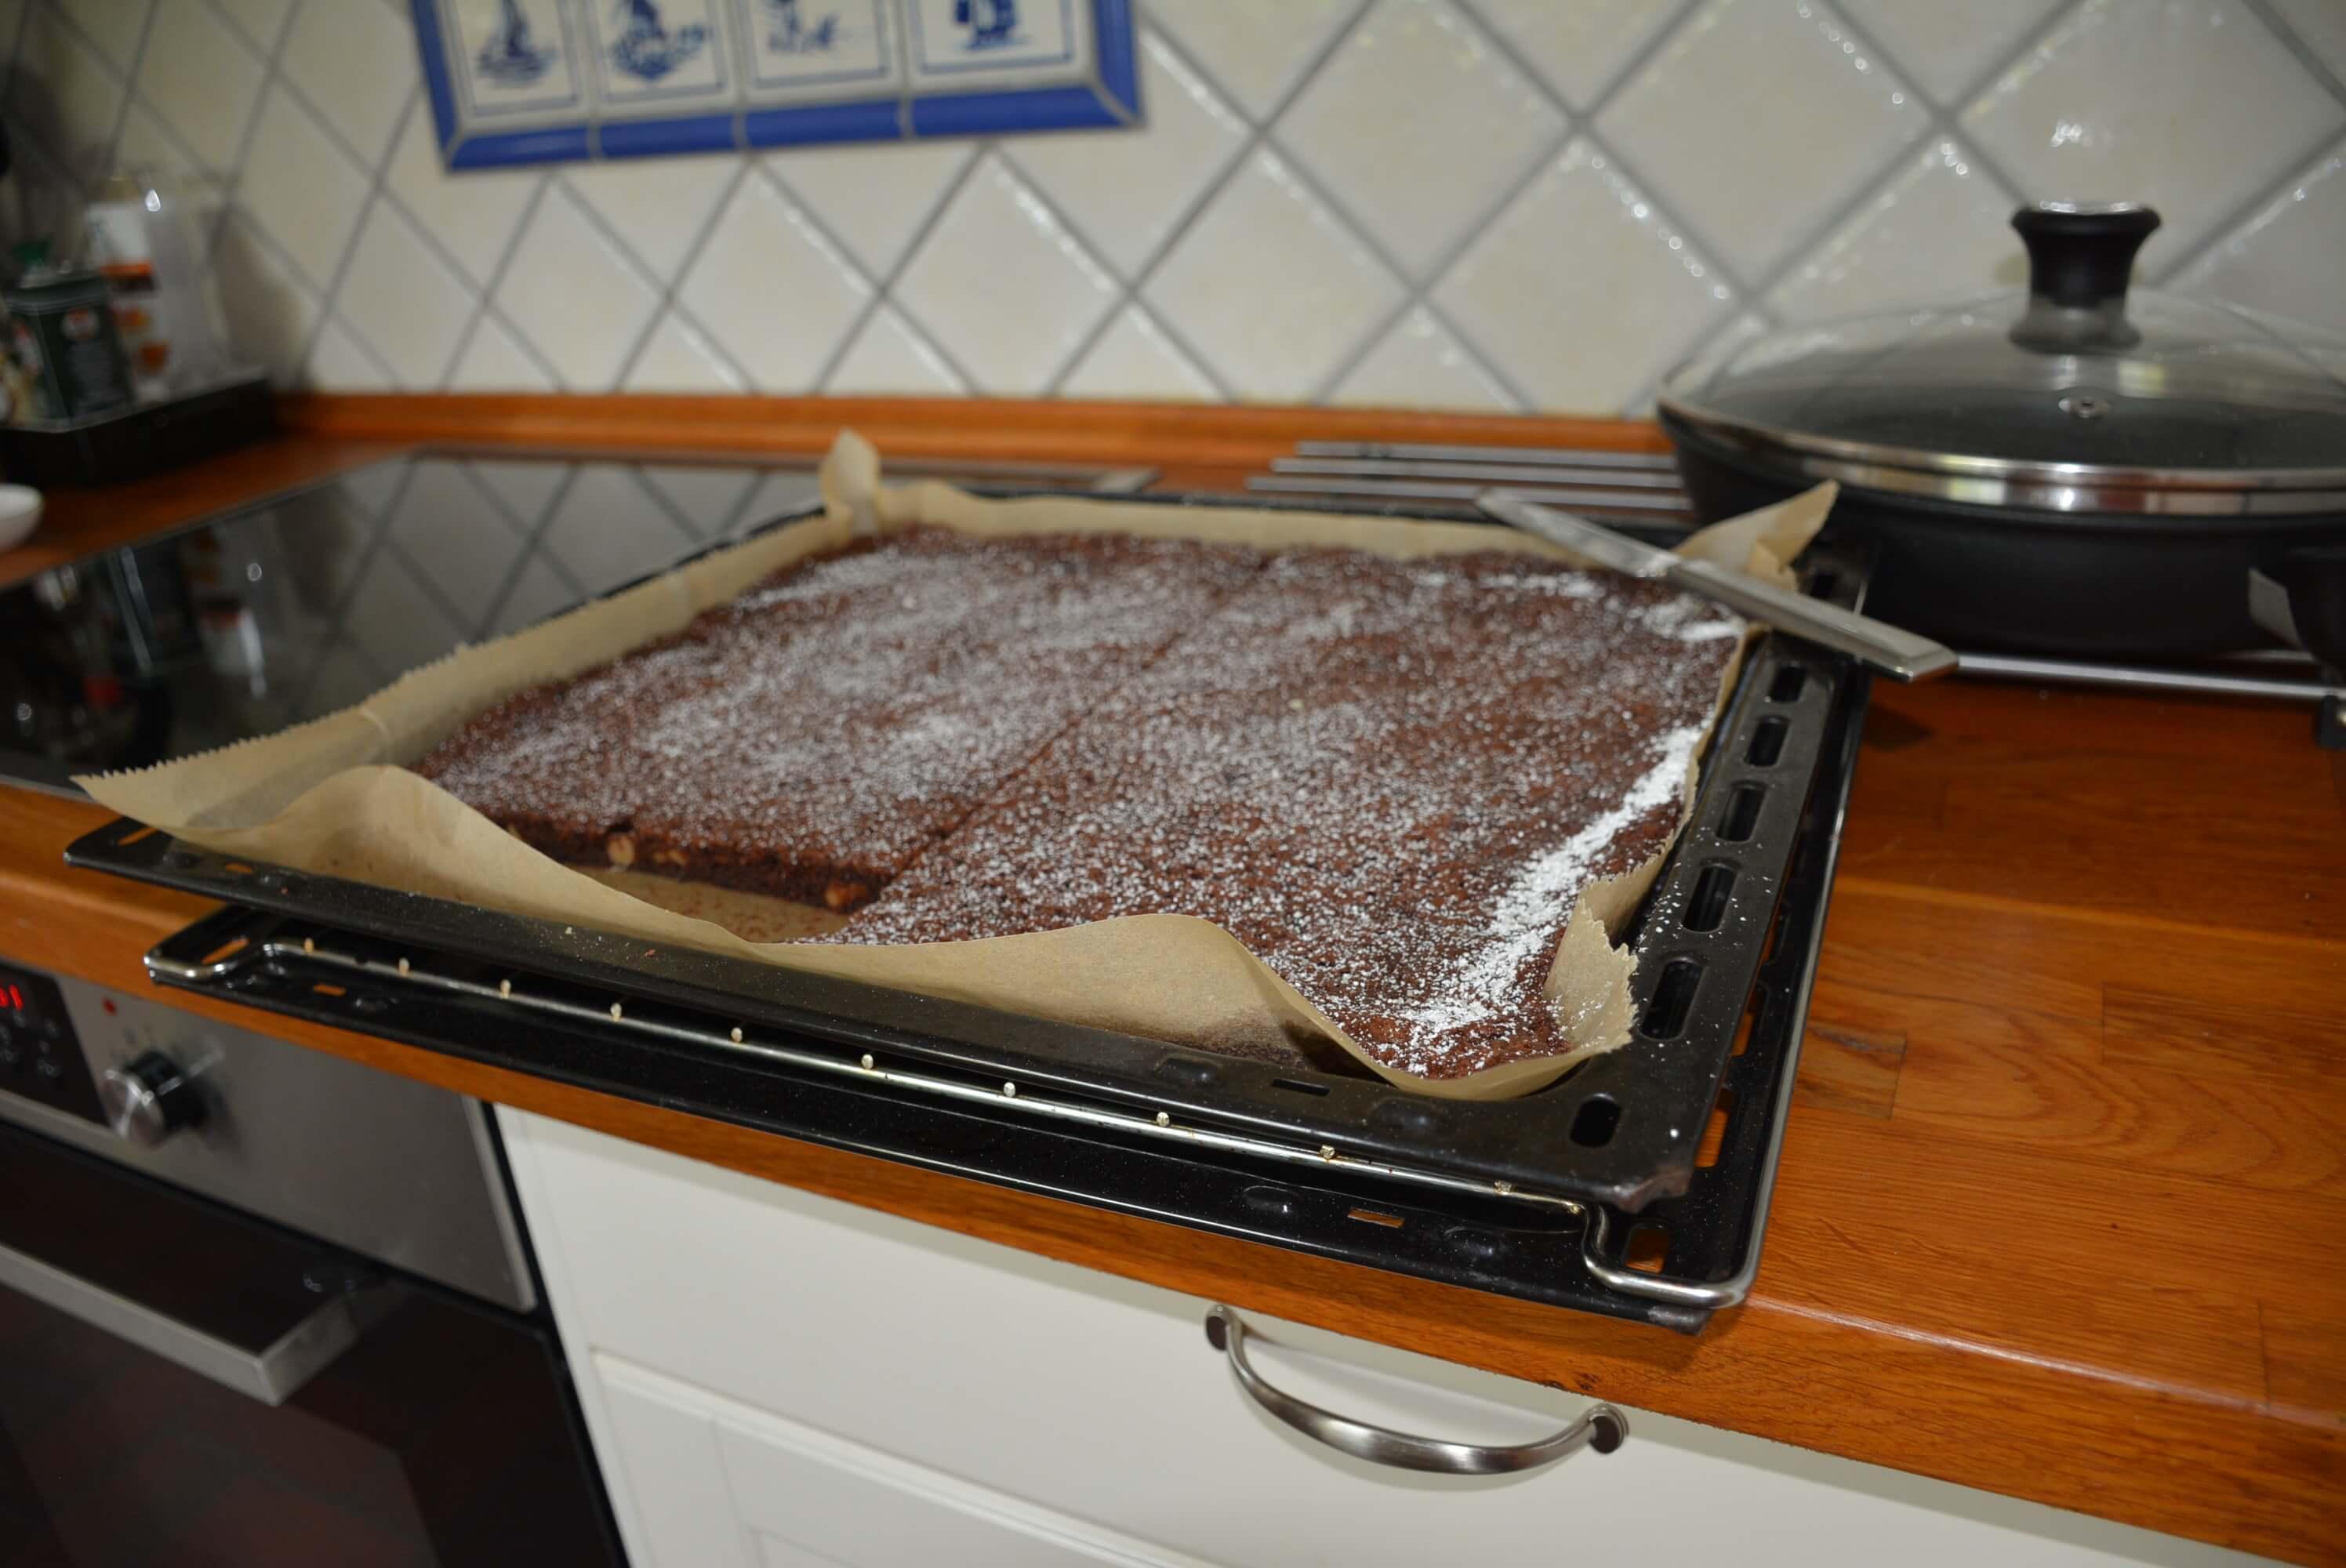 Ciasto czekoladowe wyciągnięte z piekarnika, blacha leży na drewnianym blacie kuchennym - Najlepsze brownie na świecie